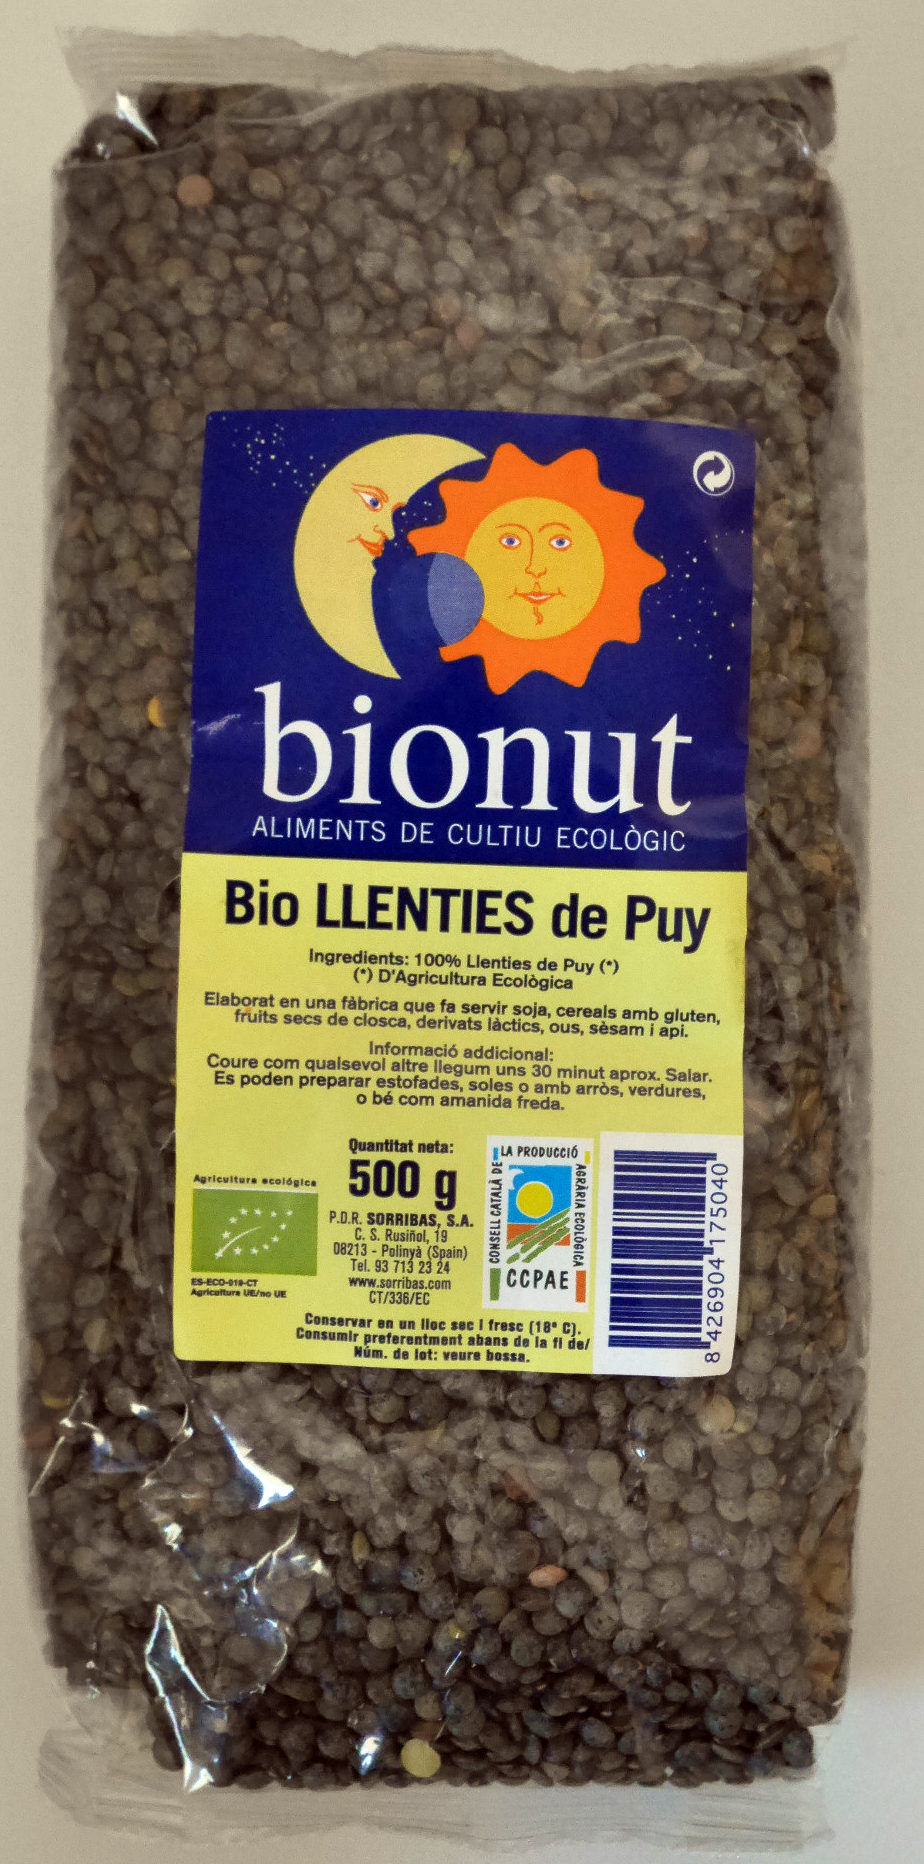 Bio llenties de Puy - Producto - ca